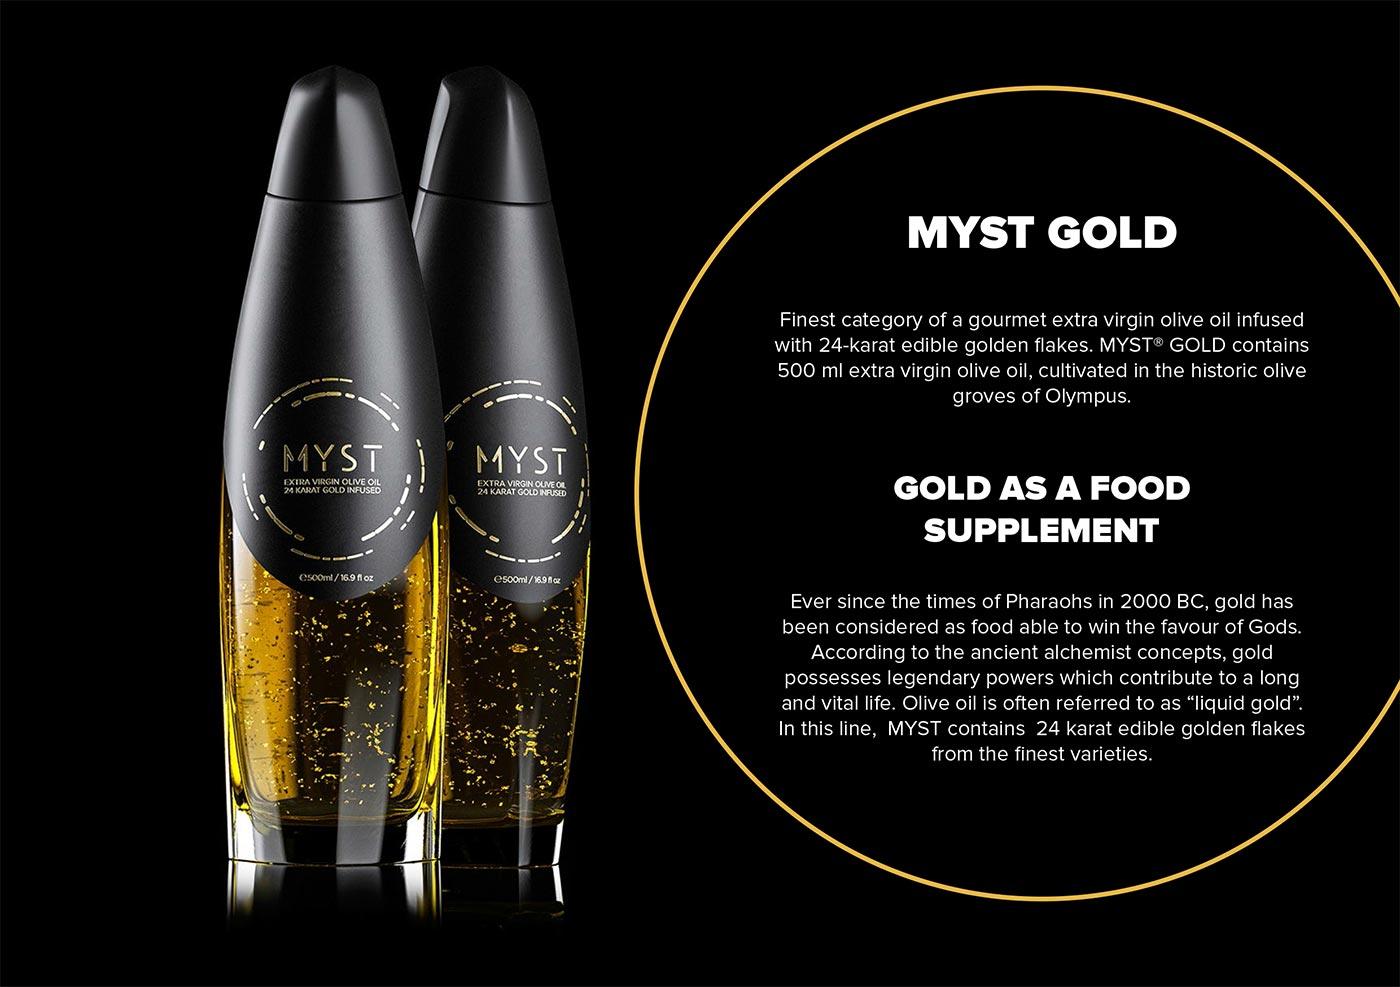 Myst, ultra premium olive oil, bottle packaging